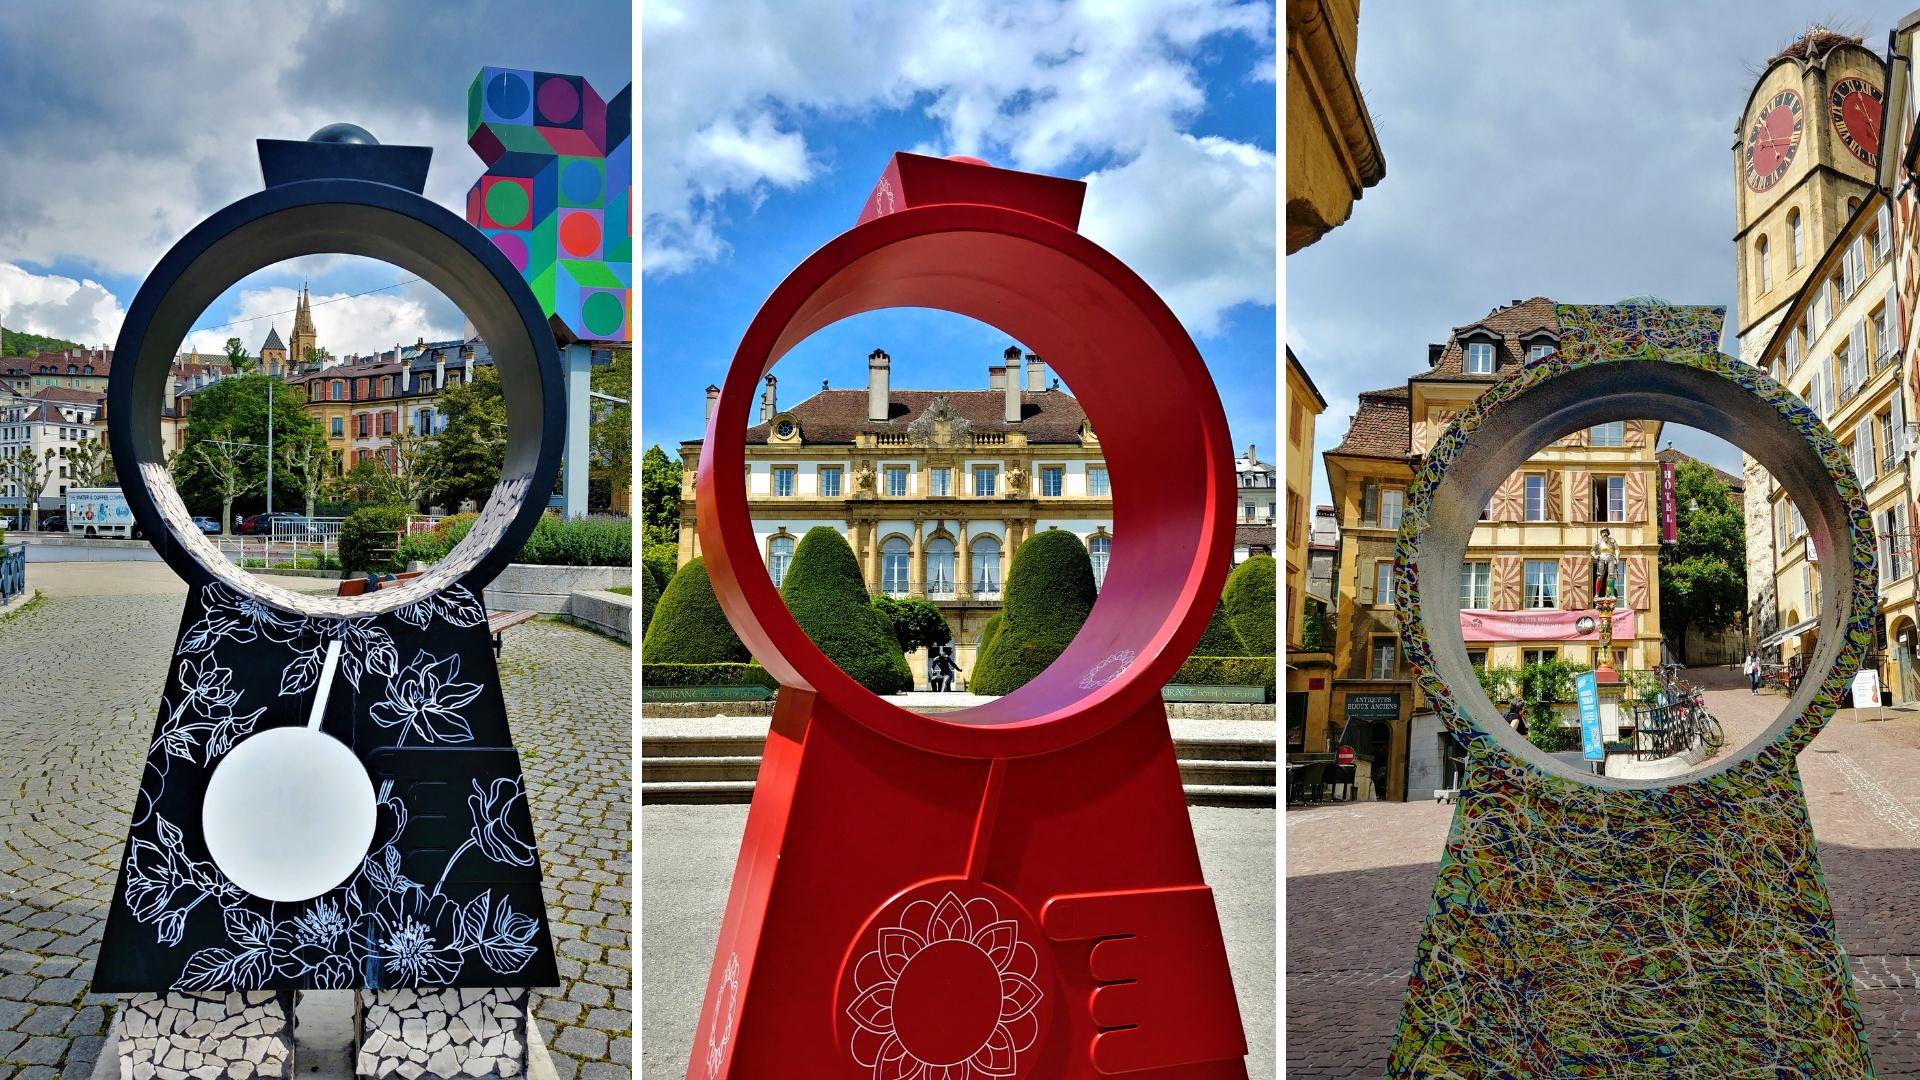 neuchatel street art vieille ville visiter itineraire suisse romande blog voyage